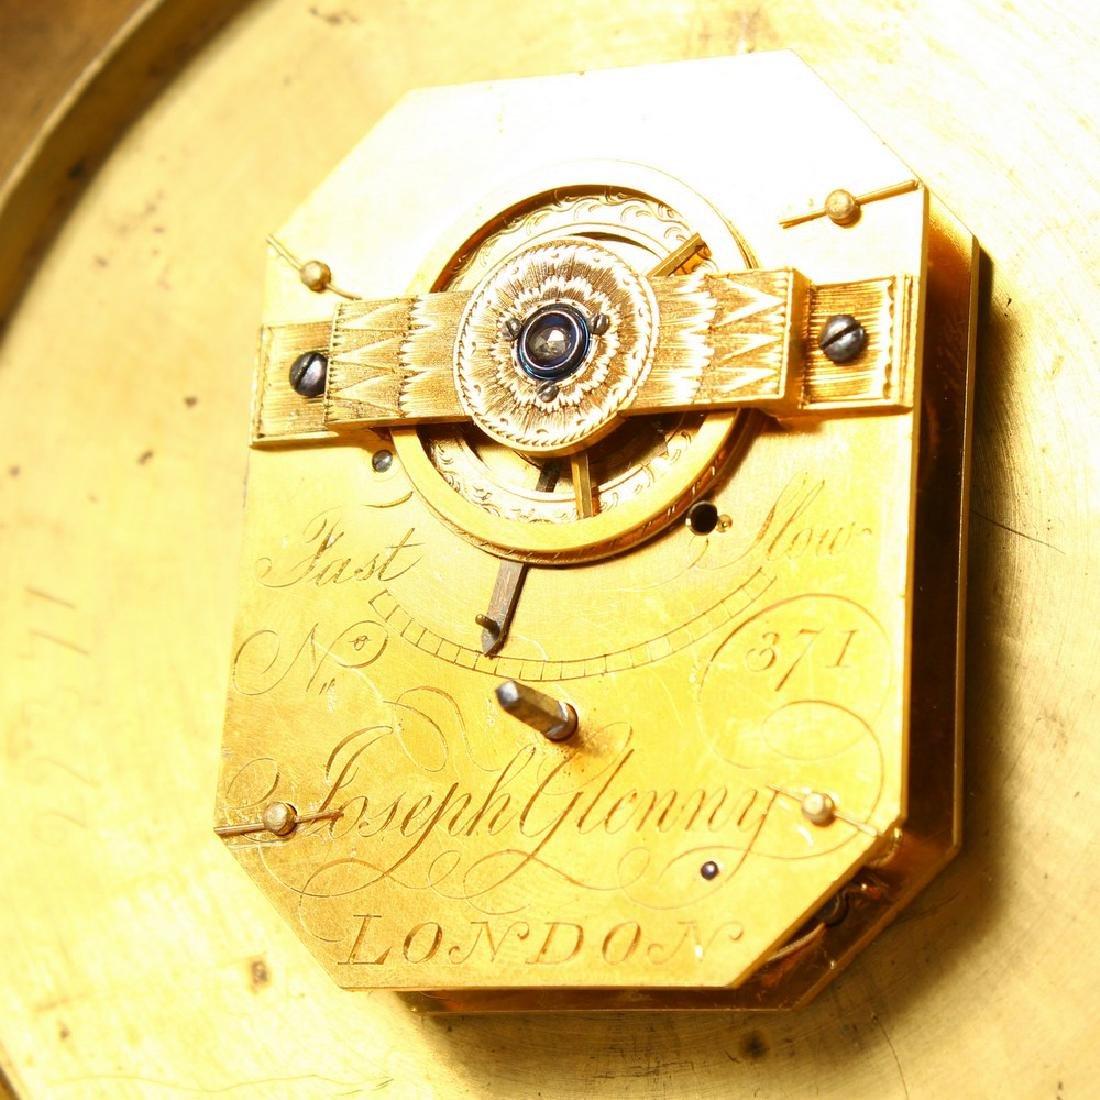 A GEORGIAN CIRCULAR SEDAN CLOCK by JOSEPH GLENNY, - 5